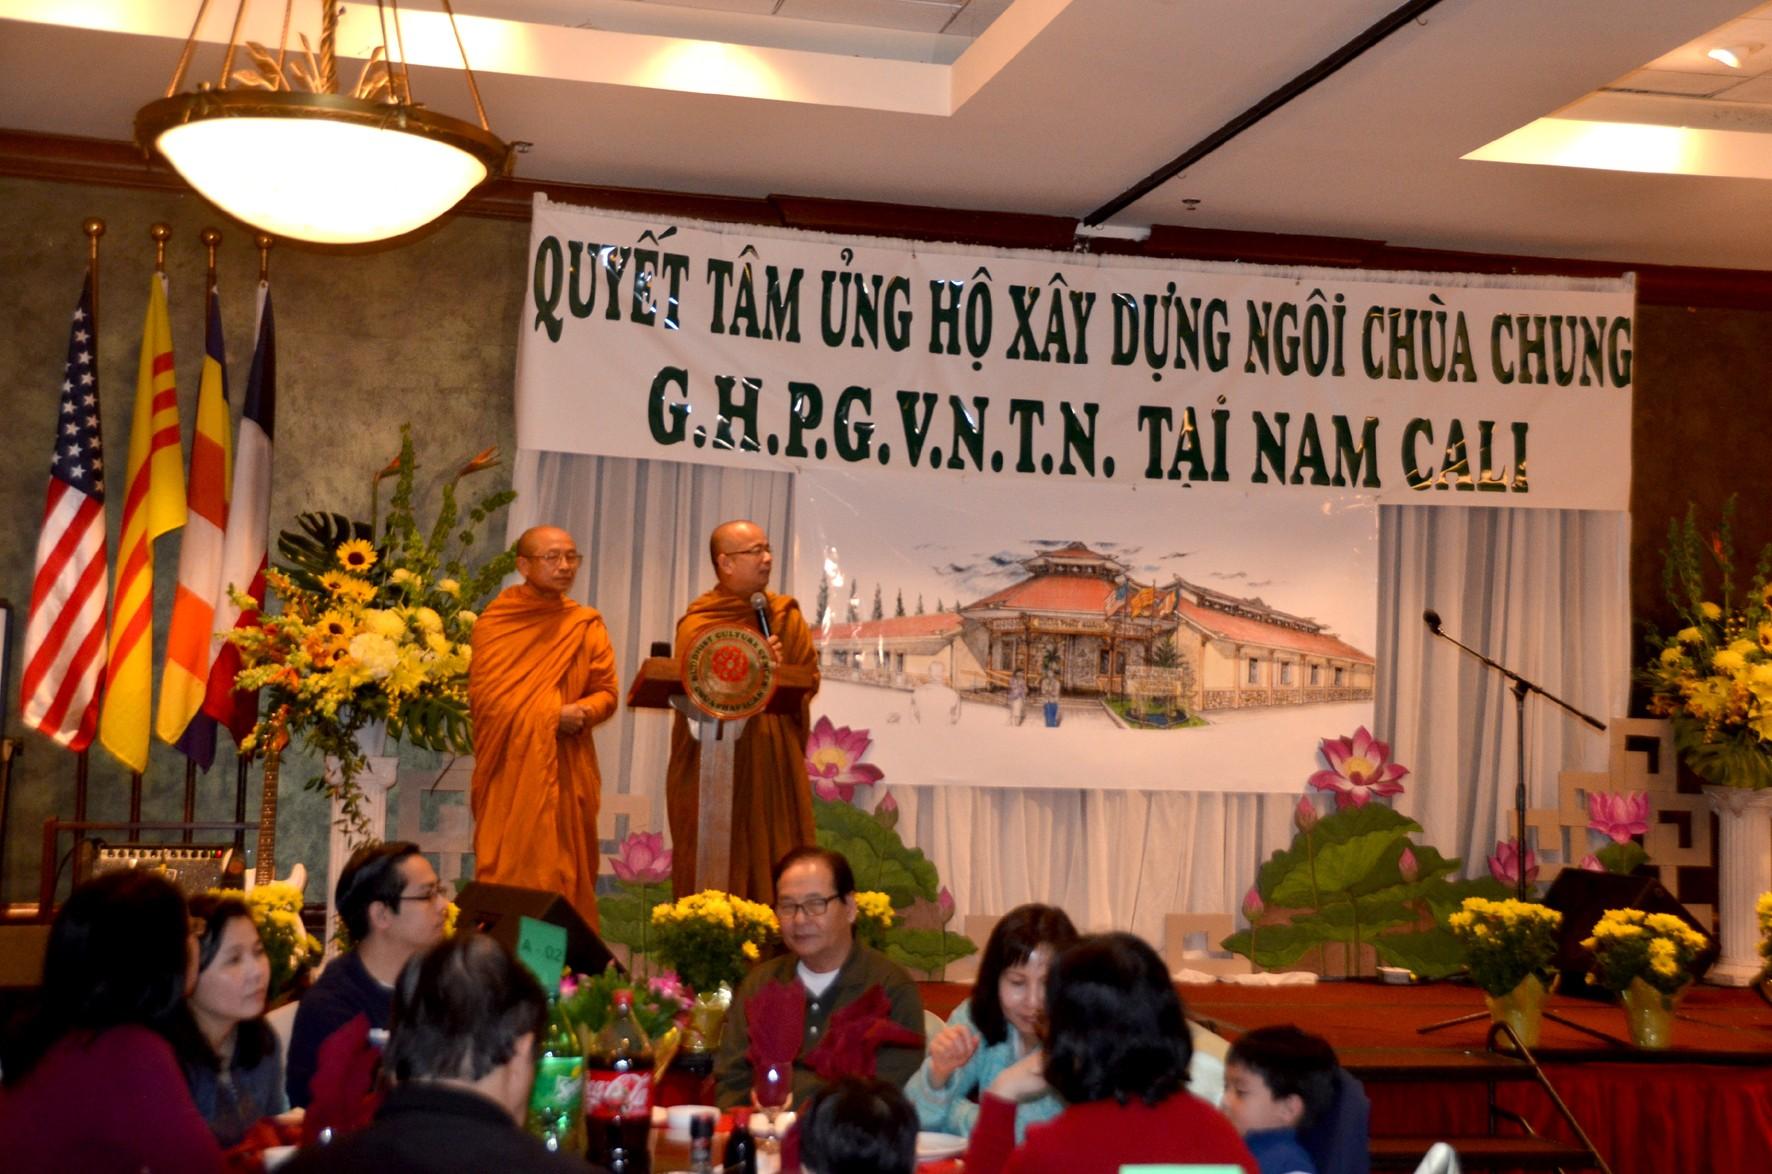 Hòa thượng Thích Huyền Việt, Trưởng ban Tổ chức cùng Thượng tọa Thích Giác Đẳng chào mừng quan khách tại thành phố Houston hôm 7.12.2014